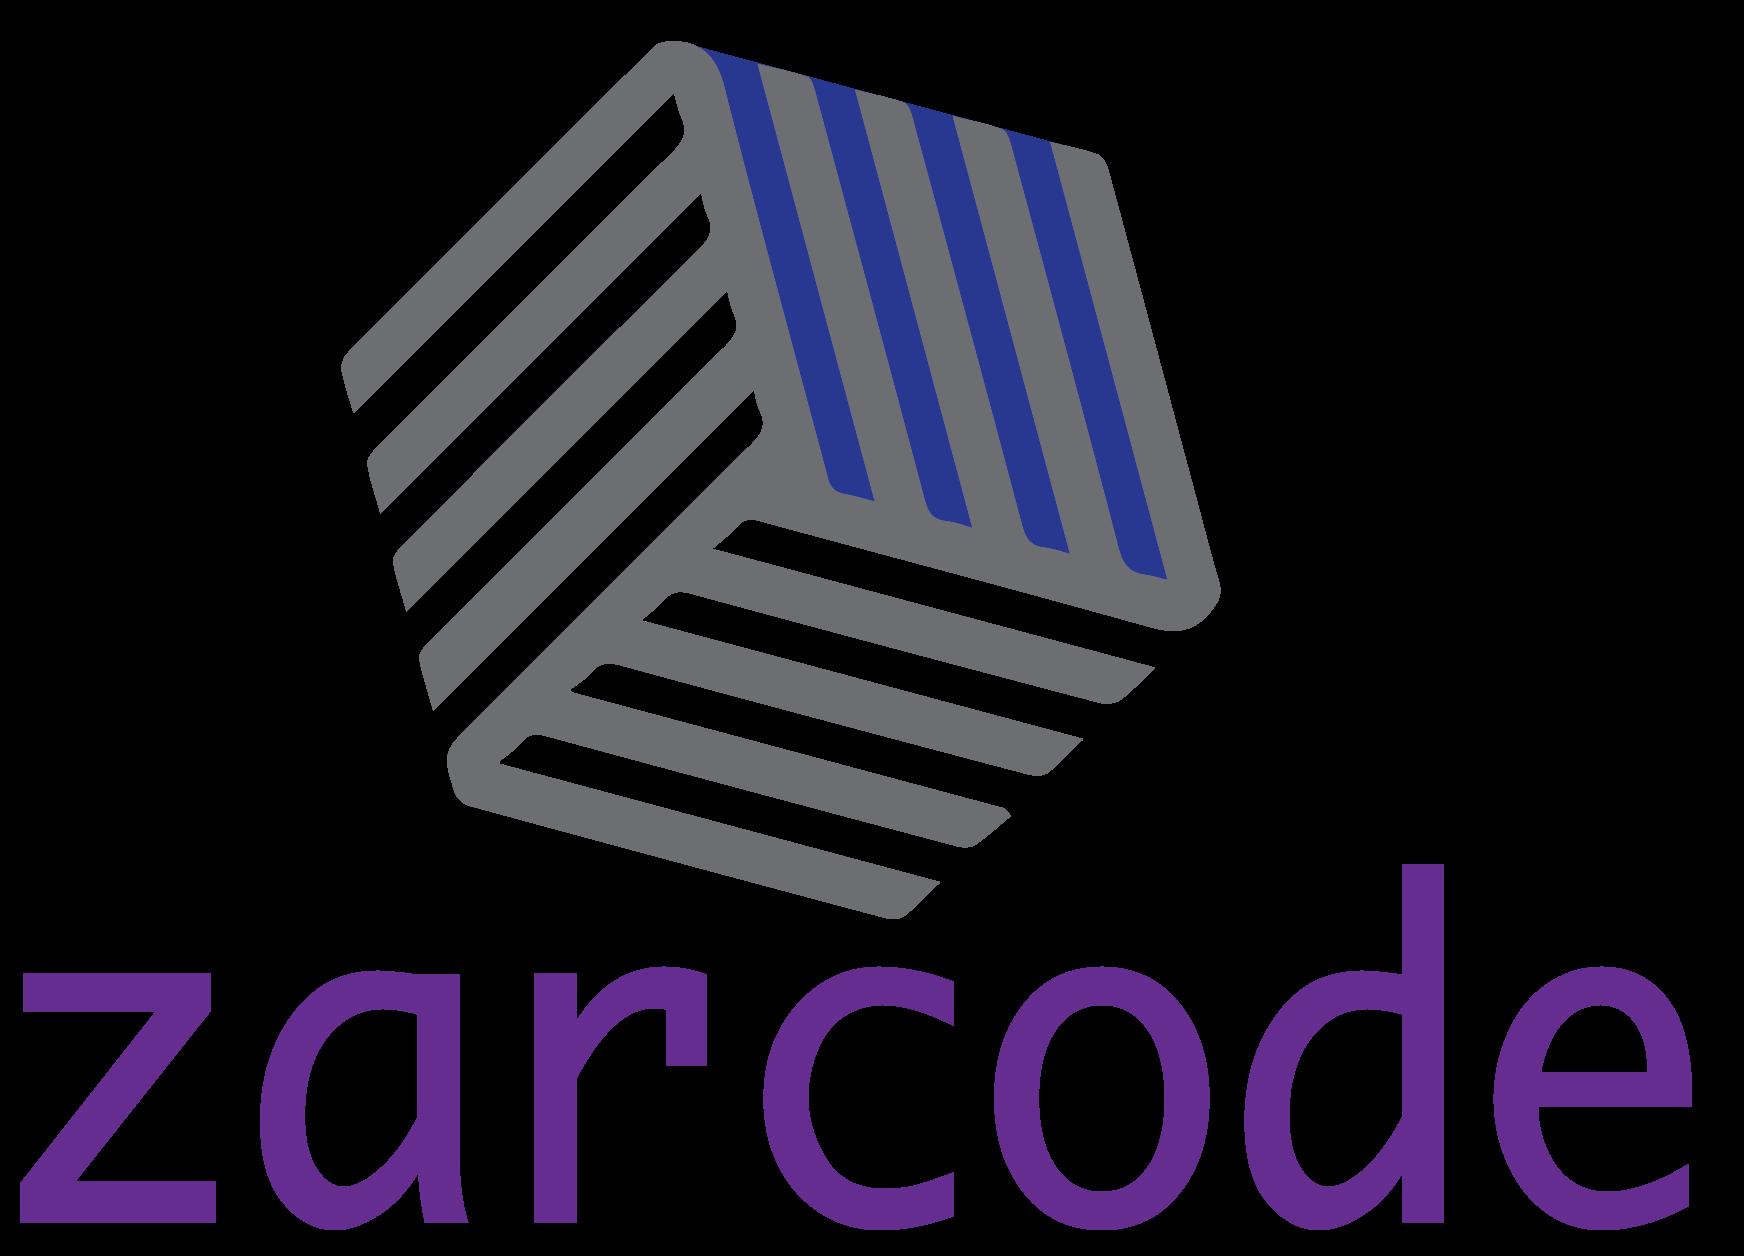 zarcode logo-left-top.png